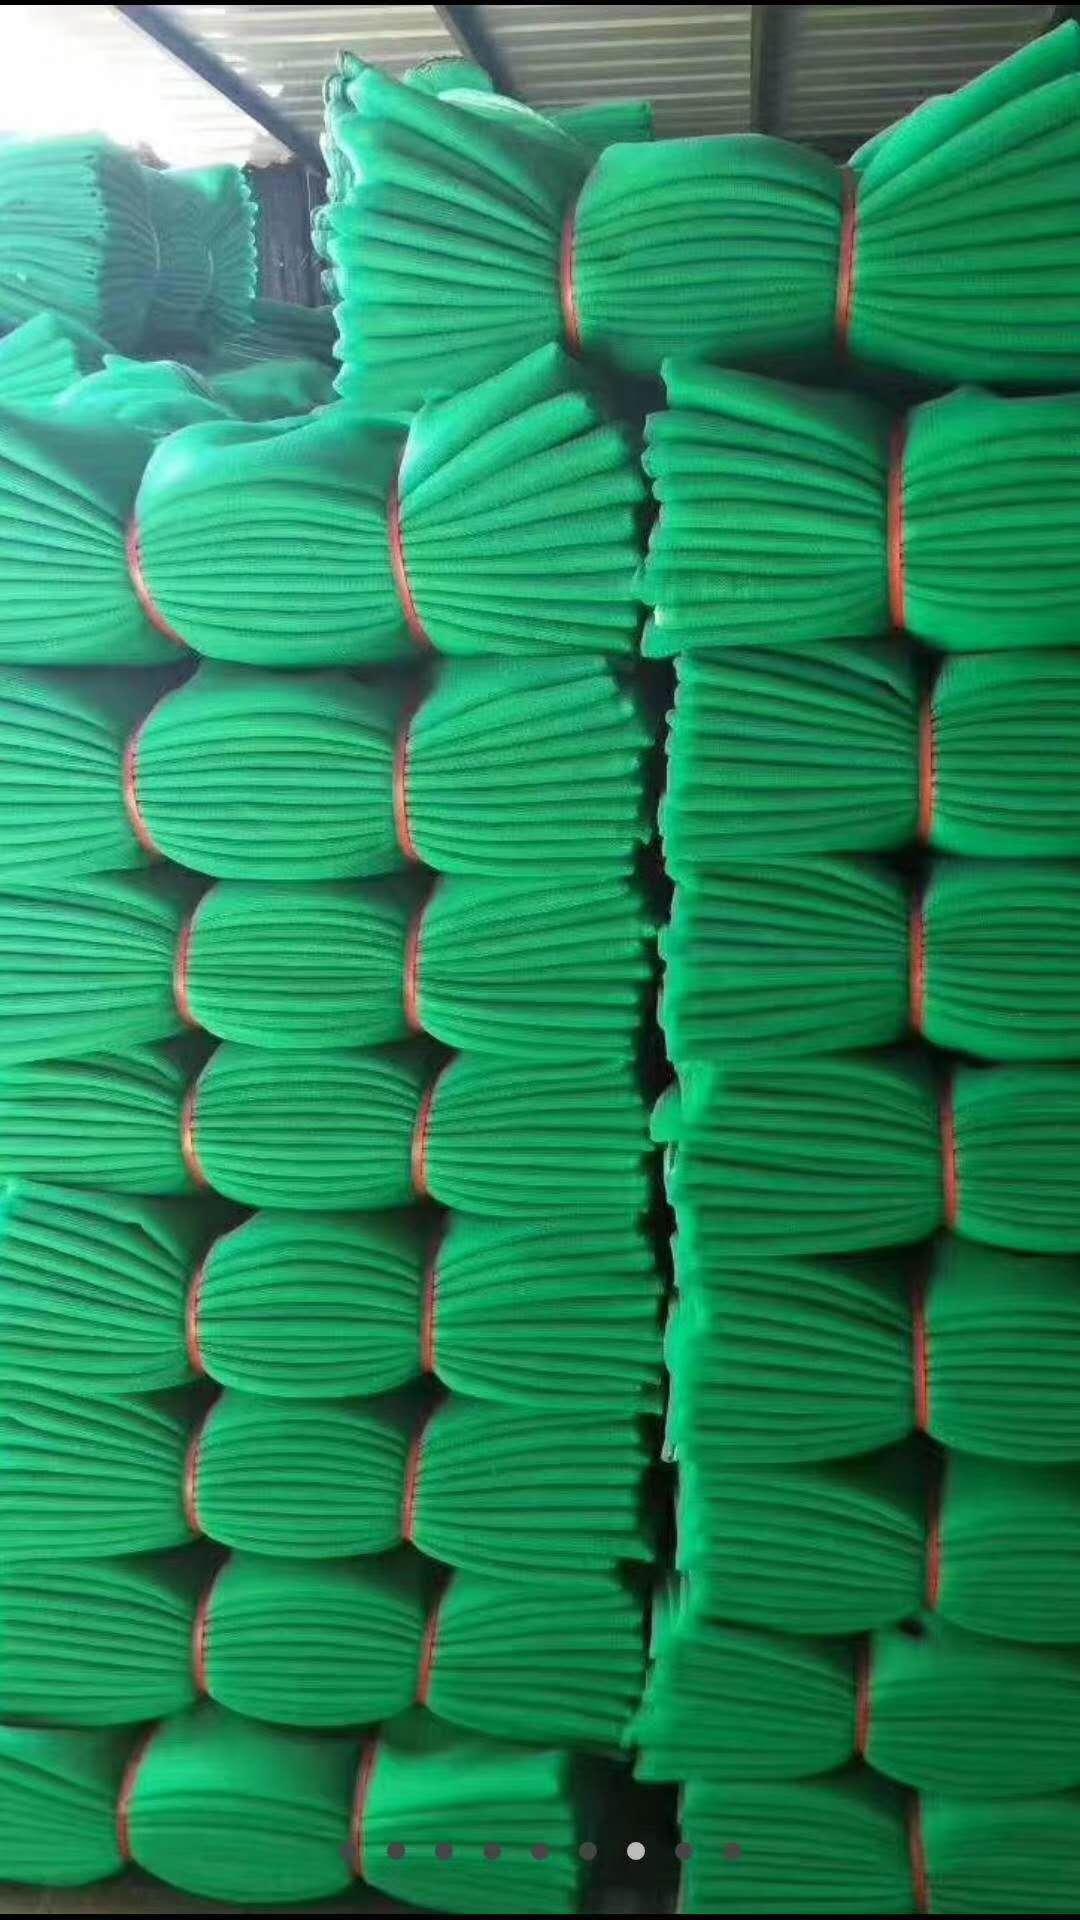 辽宁专业防尘网生产厂家_专业多少钱-滨州双泽化纤绳网有限公司